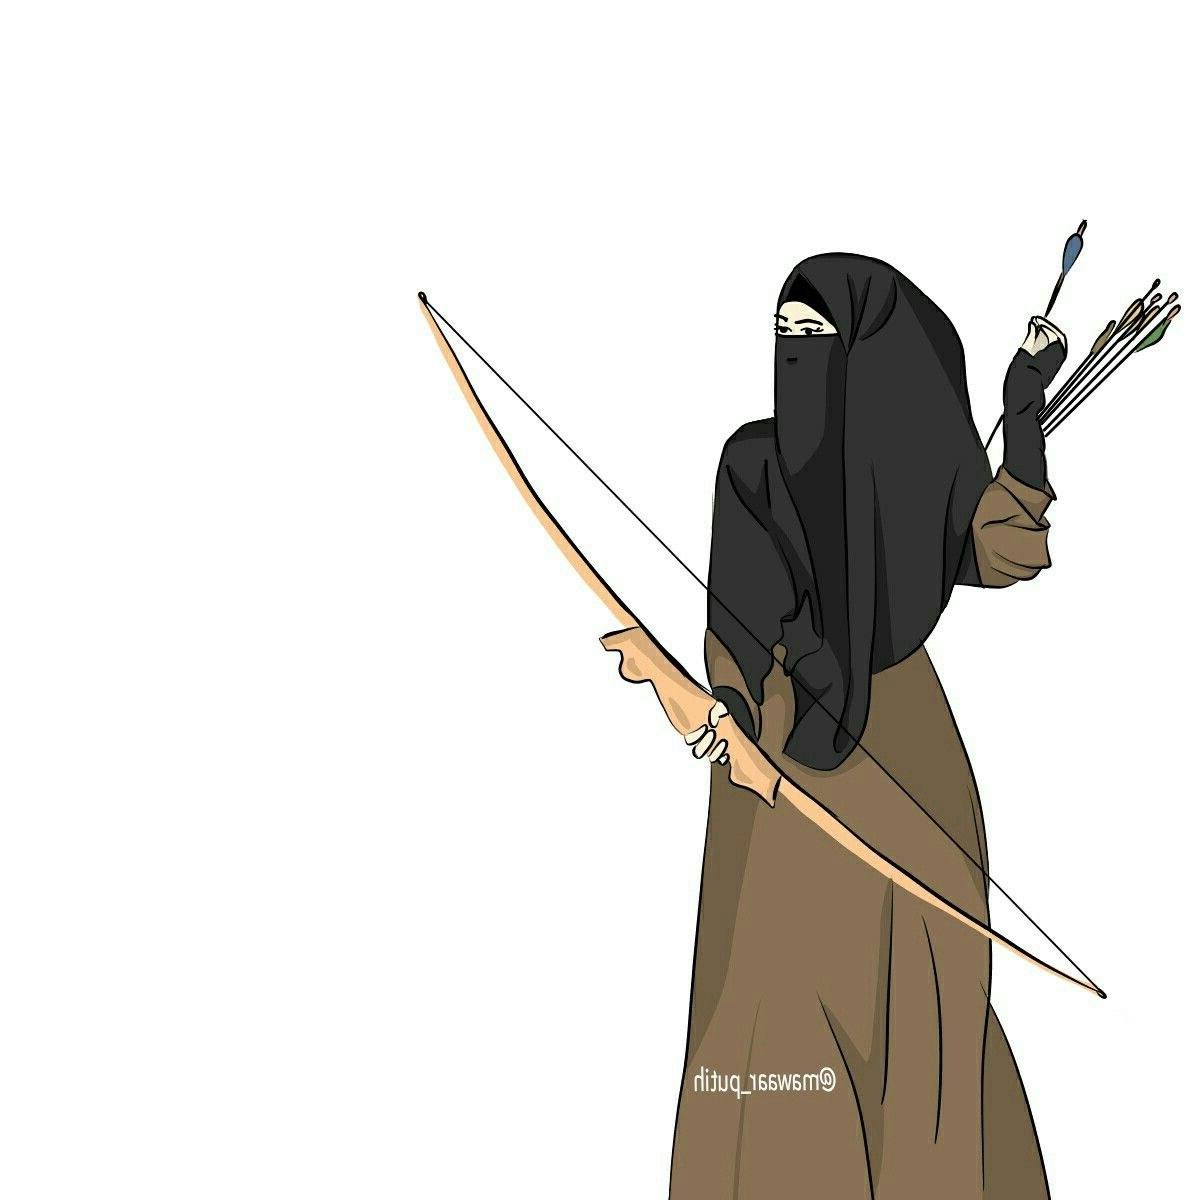 Design Muslimah Bercadar Kartun Y7du Gambar Kartun Muslimah Memanah Koleksi Gambar Hd